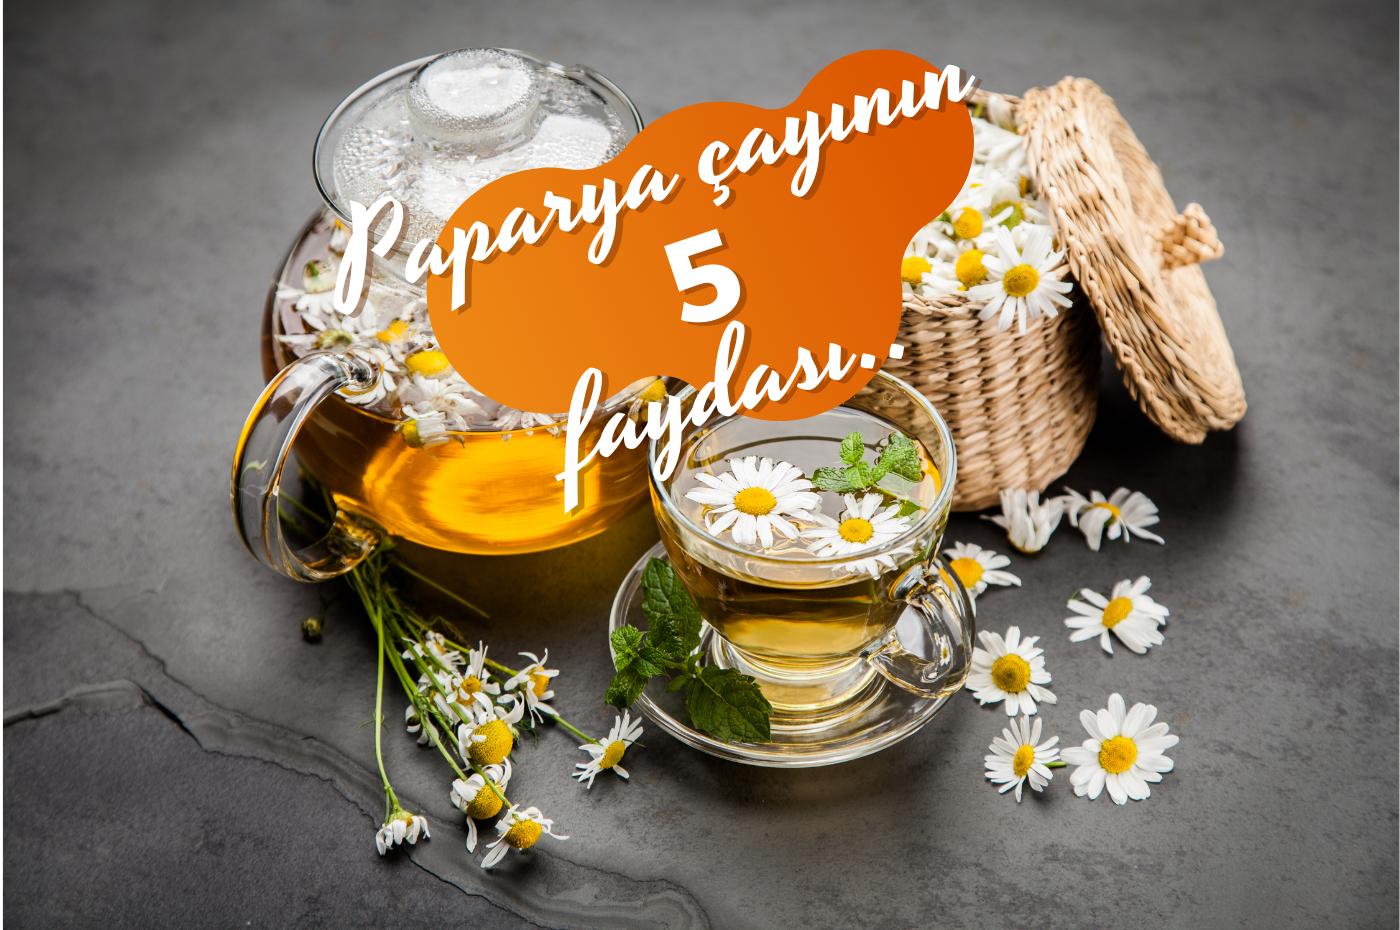 Papatya Çayının Sağlığınıza 5 faydası nelerdir? Papatya çatının faydaları